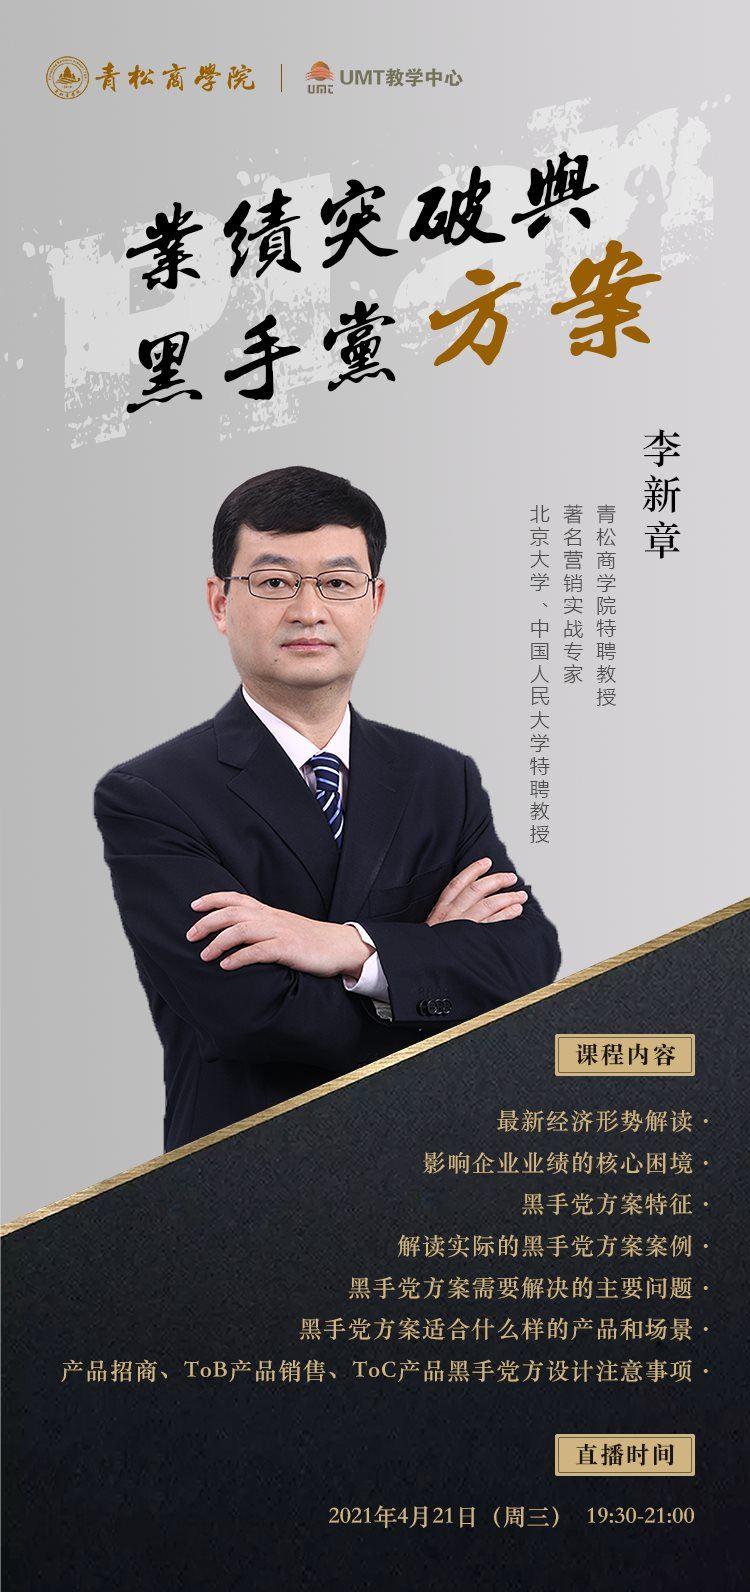 青松在线海报:88期2021年04月21日李新章《业绩突破与黑手党方案》无二维码详情.png